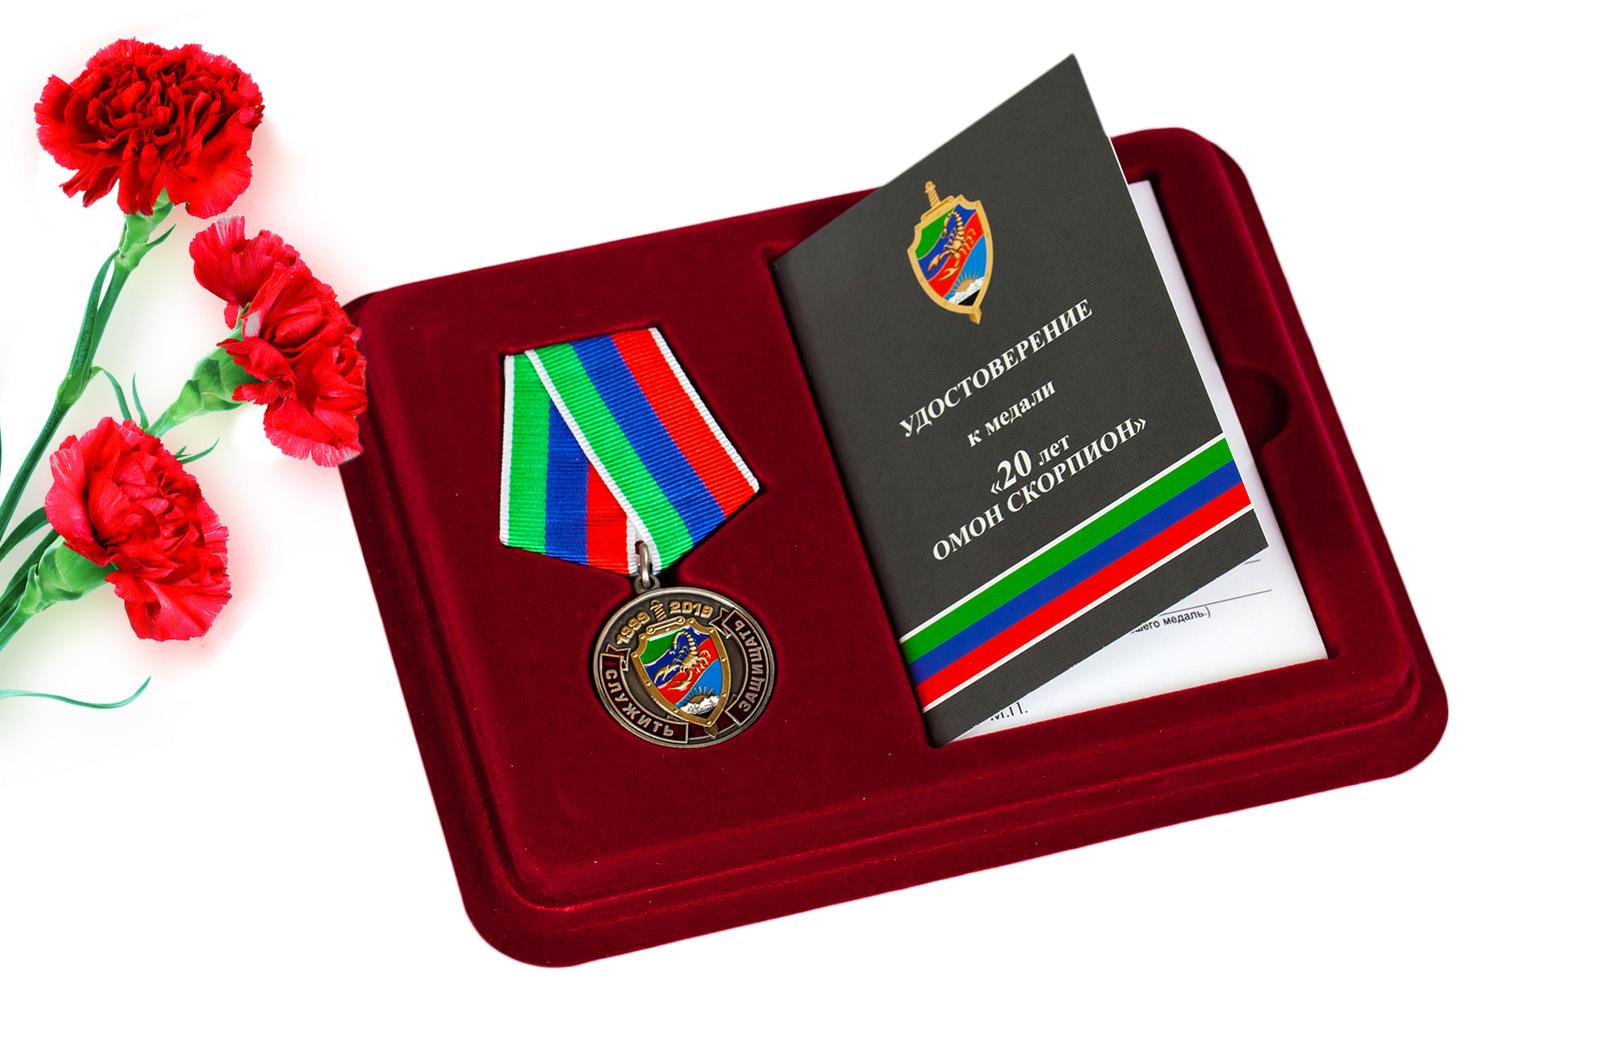 Памятная медаль 20 лет ОМОН Скорпион